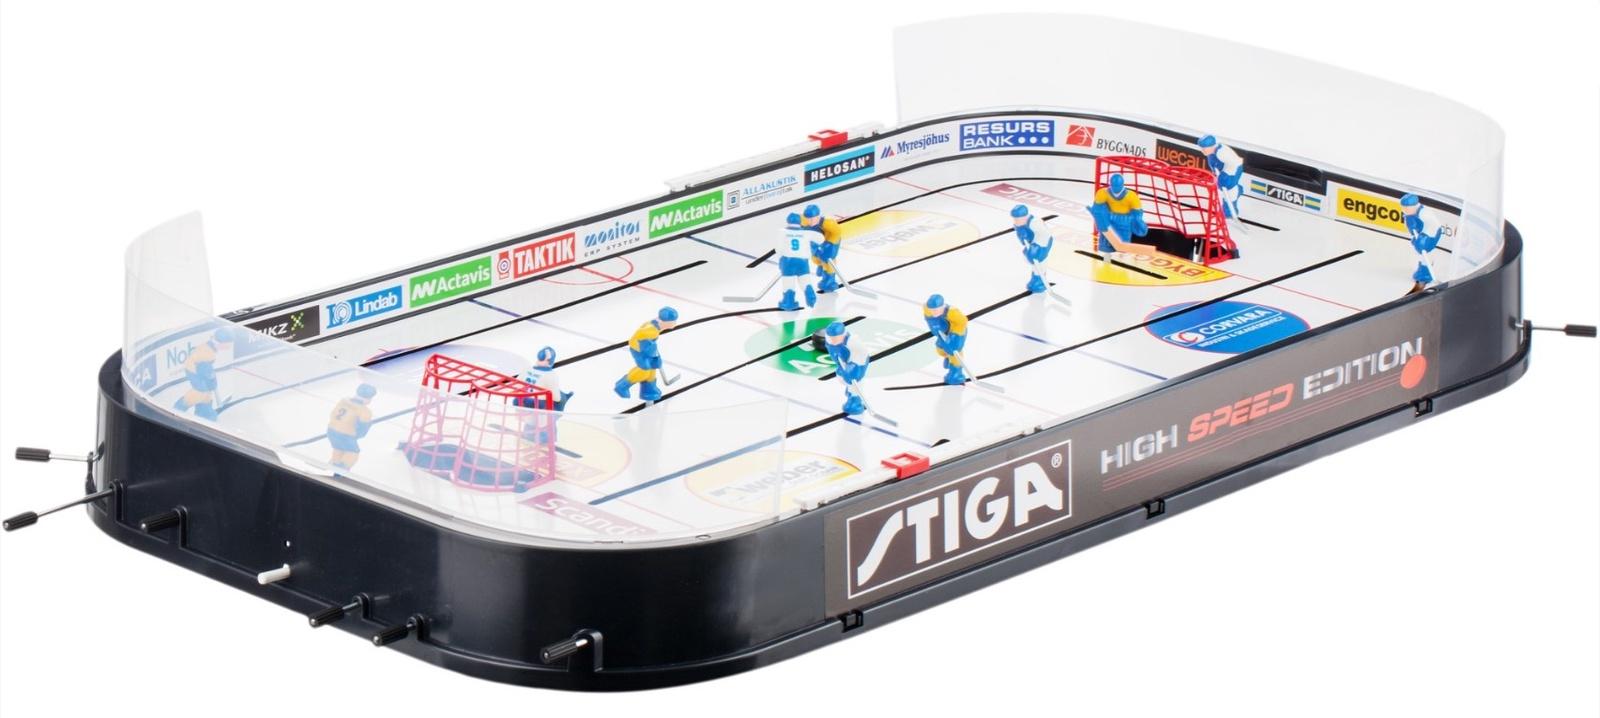 Спортивная настольная игра Stiga Хоккей High Speed - Стига Высокая Скорость stiga stiga игра настольный хоккей кубок стенли